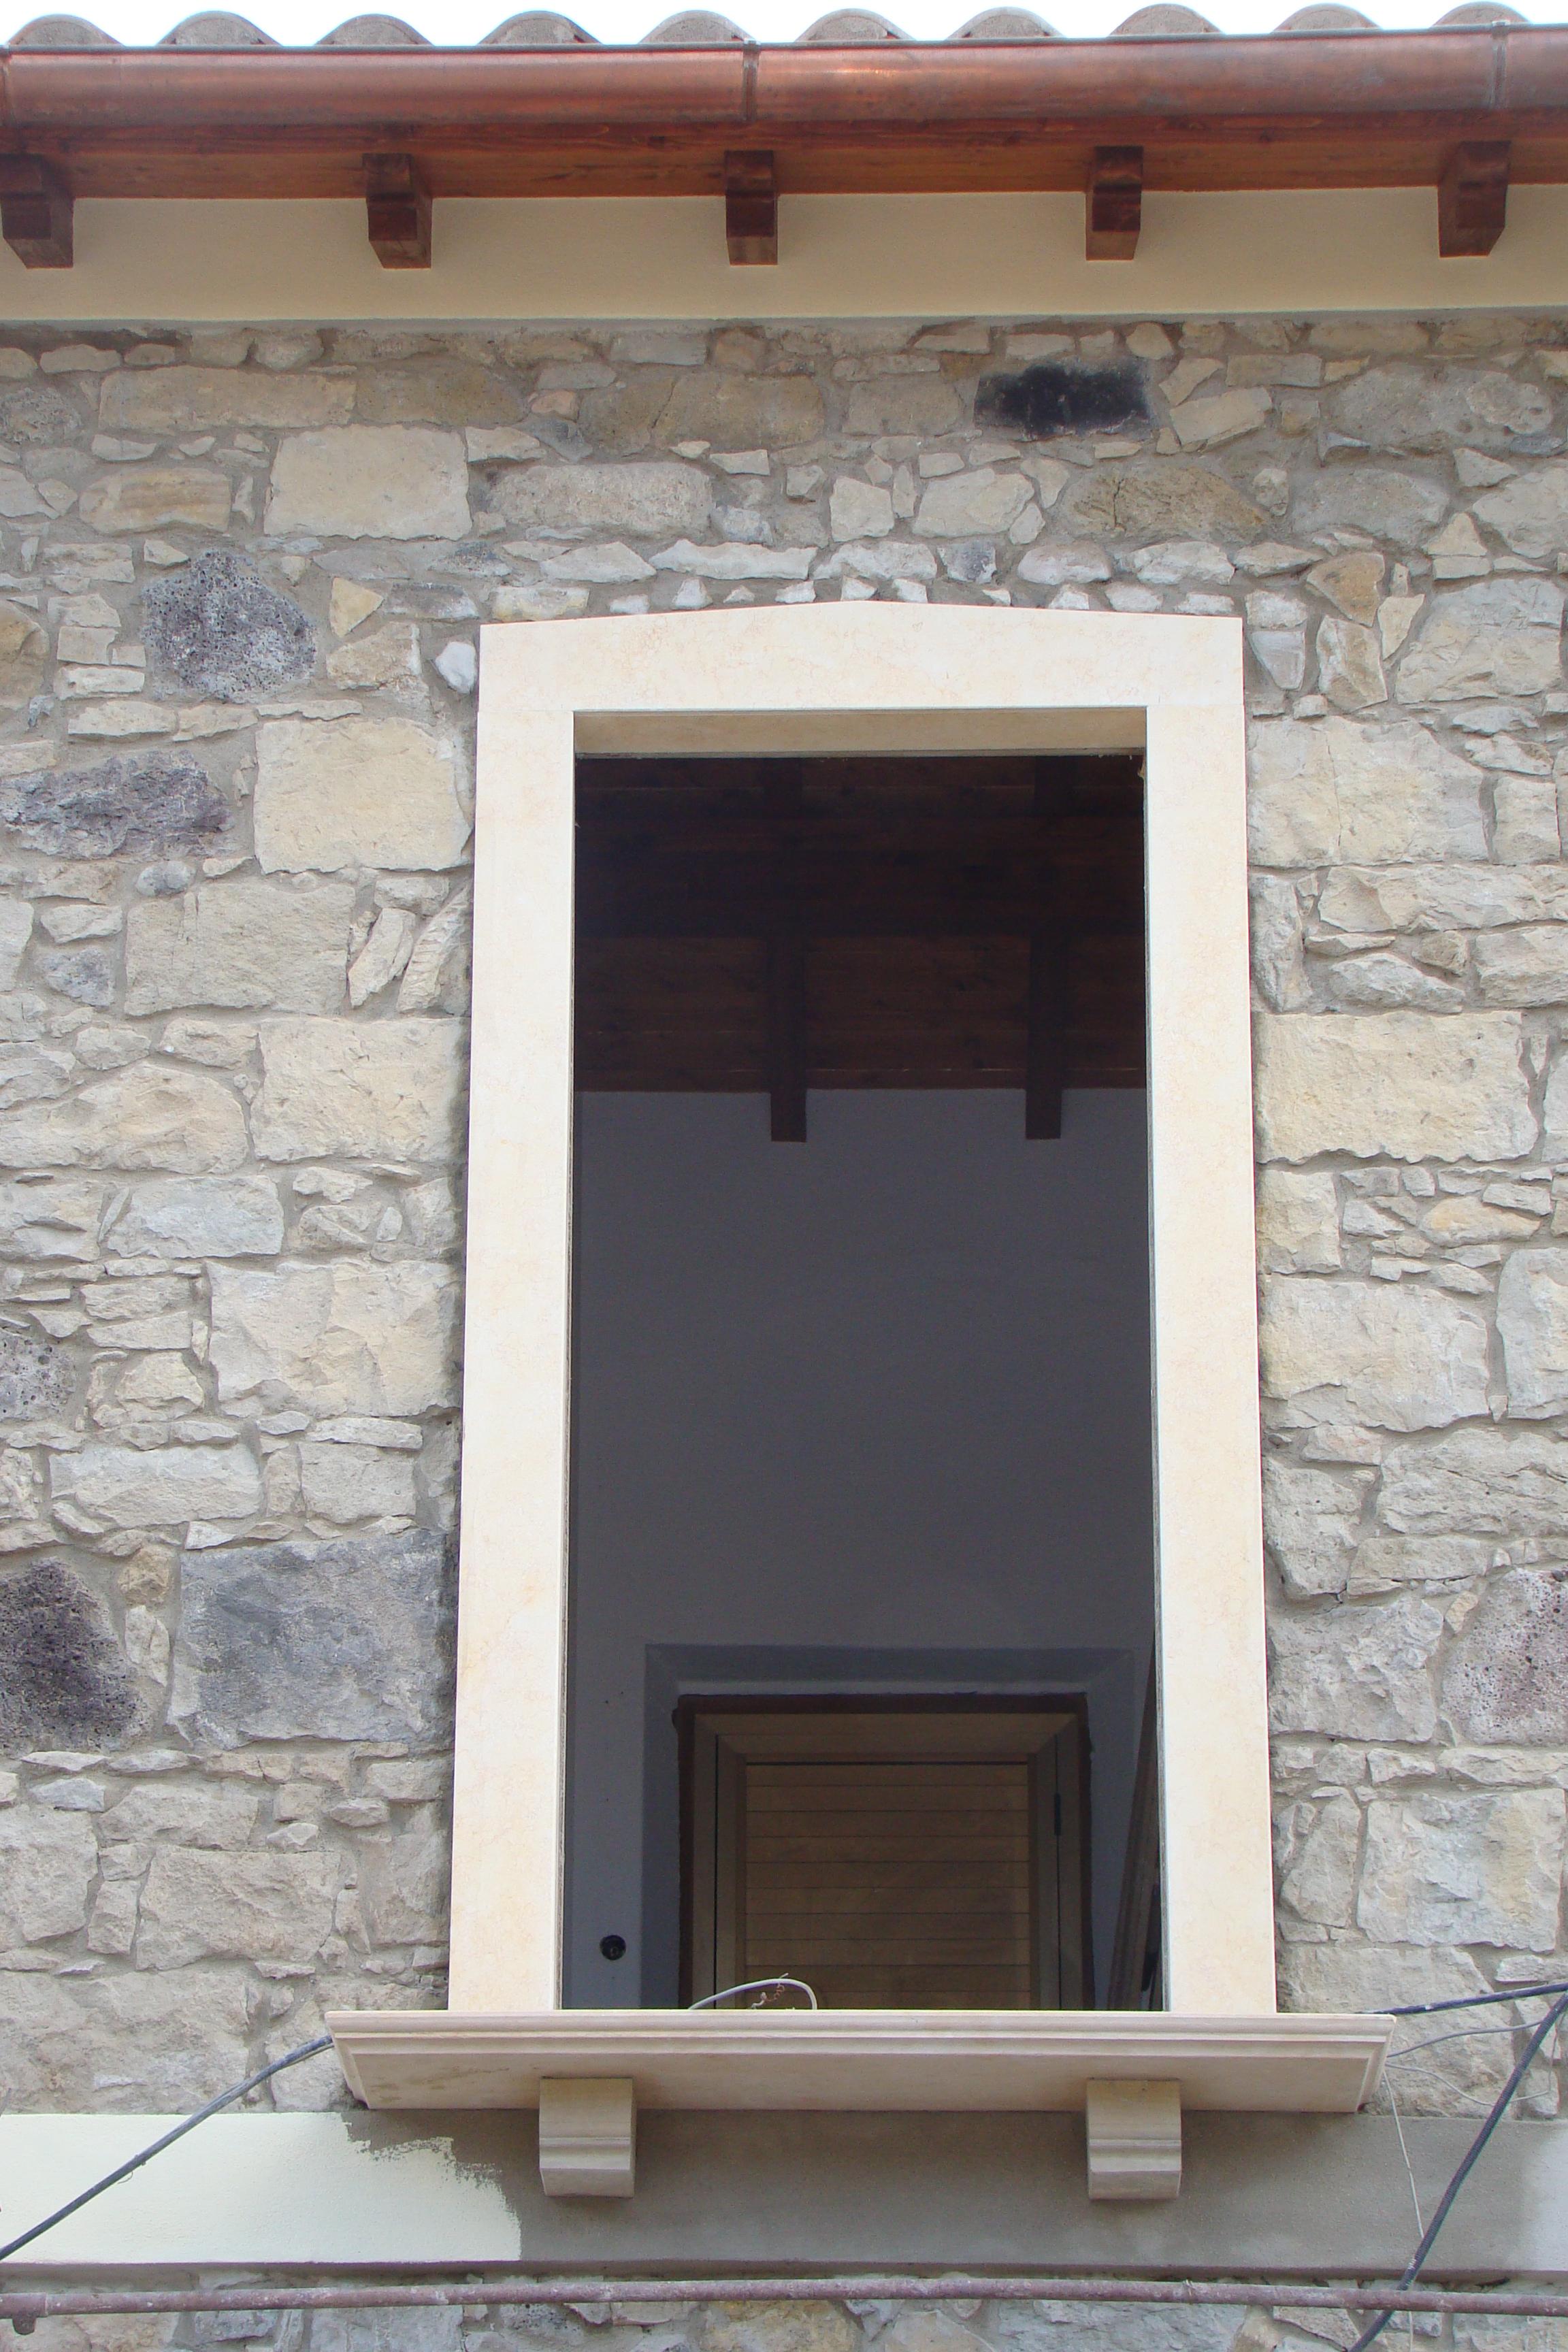 Particolari costruttivi tre emme service - Particolare costruttivo finestra ...